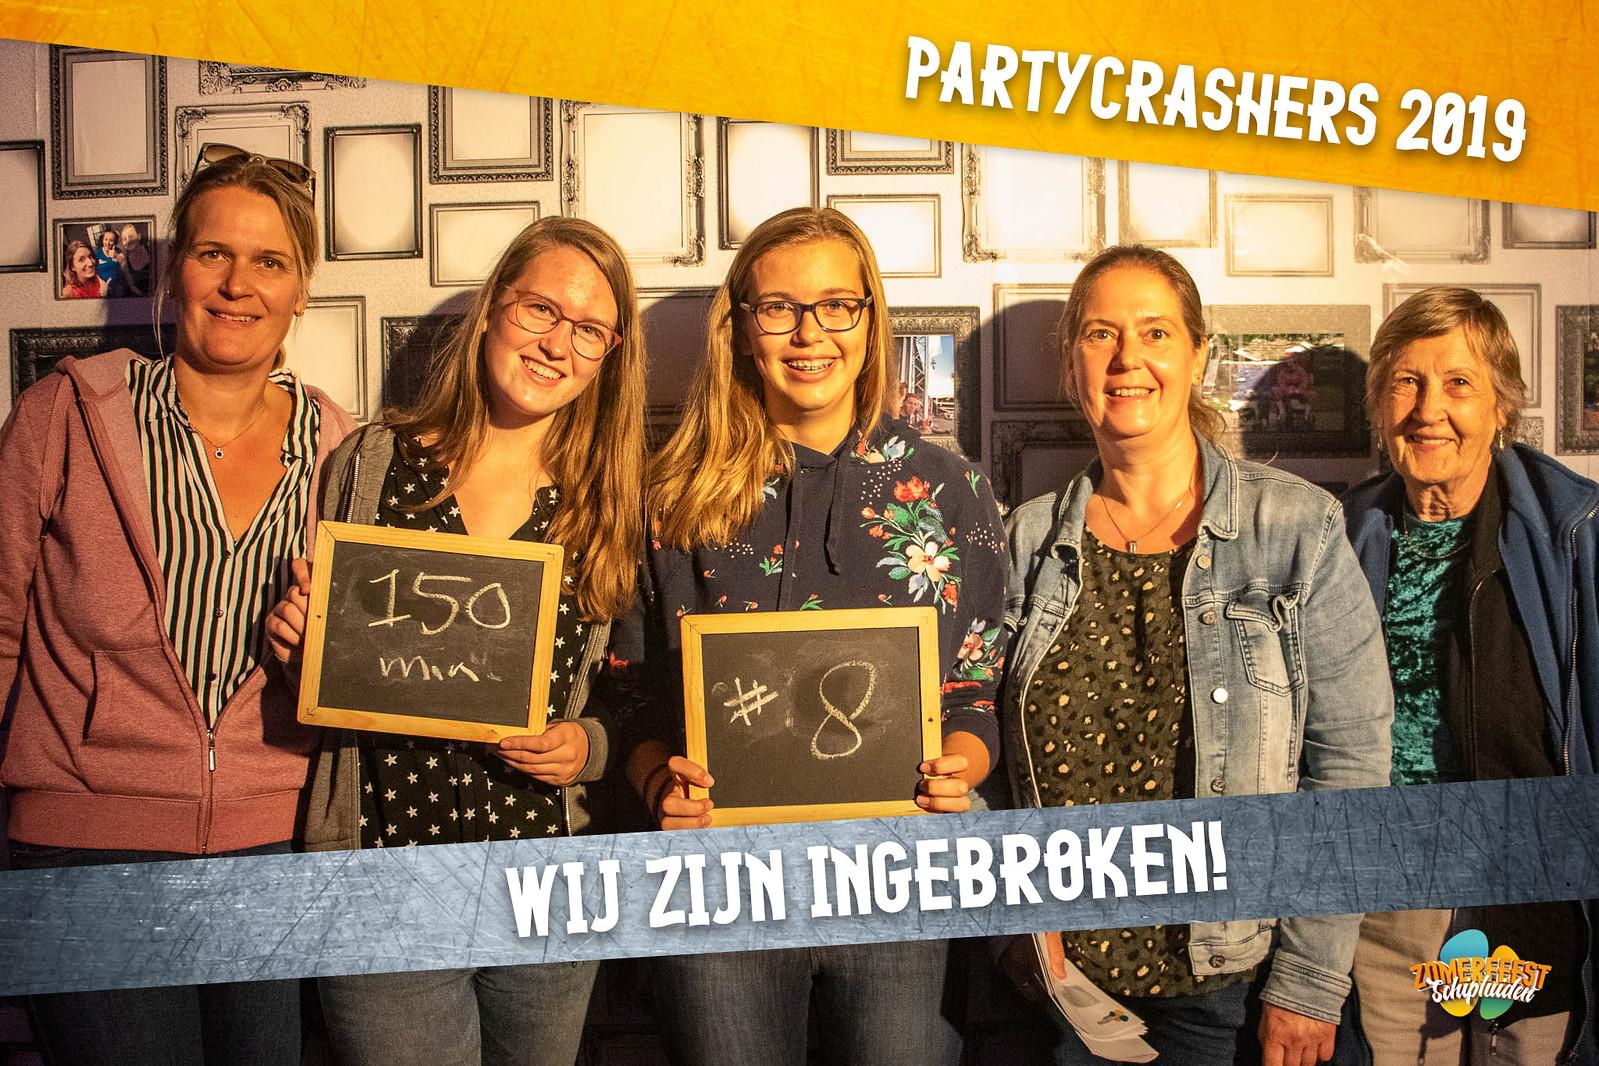 partycrashers-33_0001_Oranje copy 9